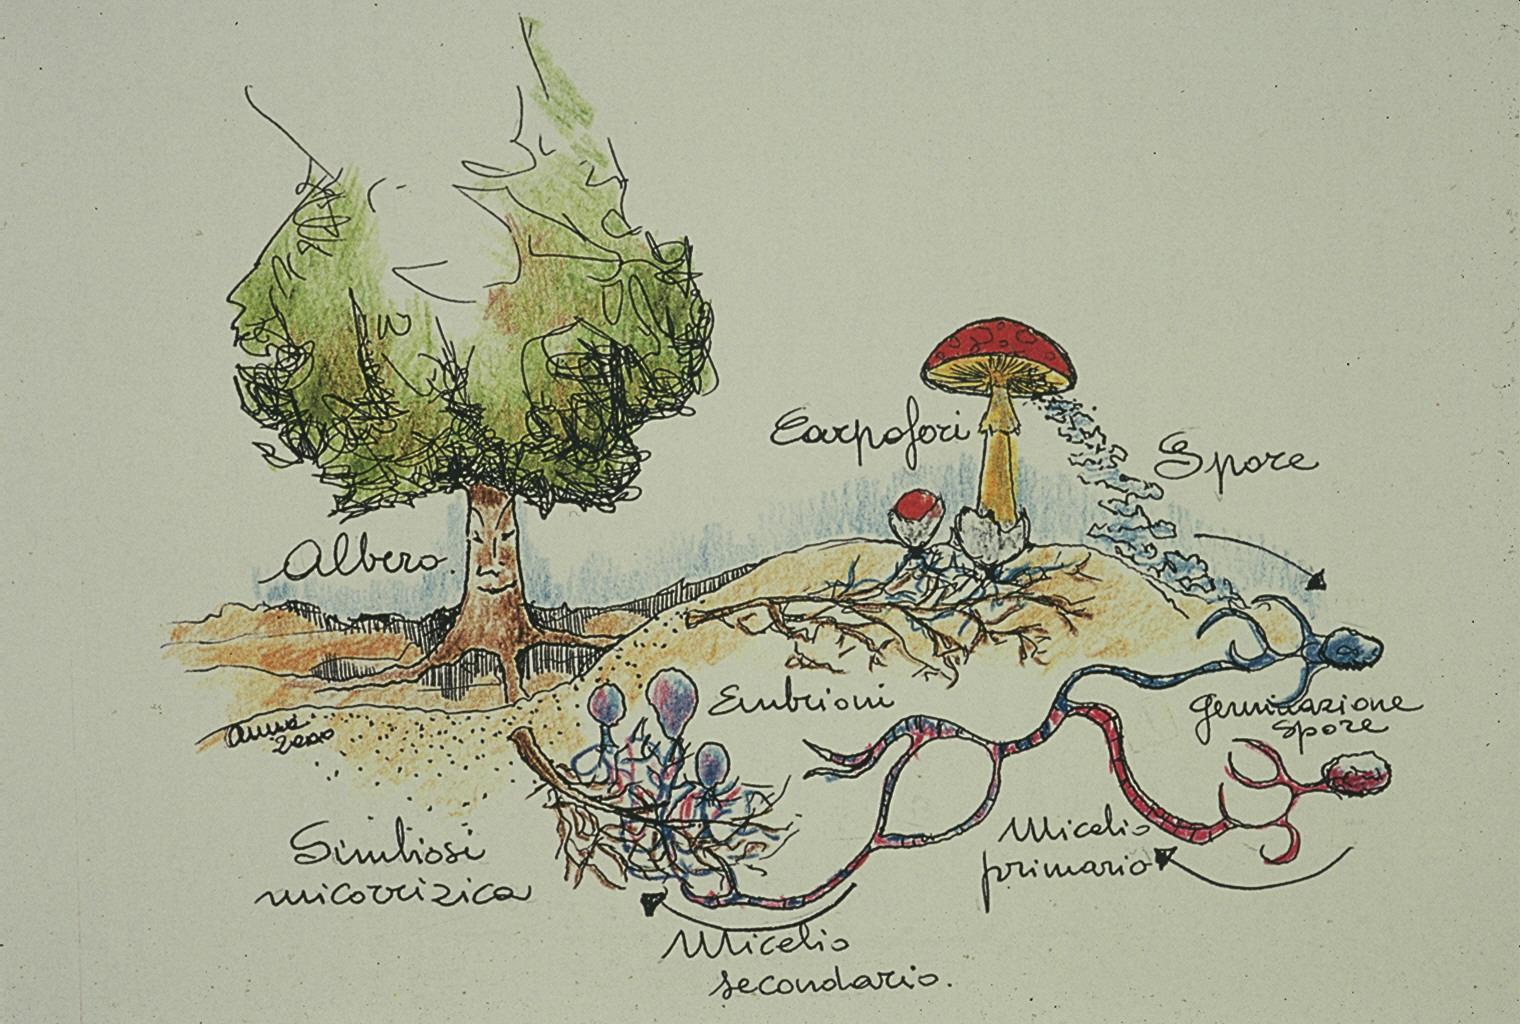 Fungos de gallaecia y norte de lusitania nociones basicas for Como se cocinan las setas